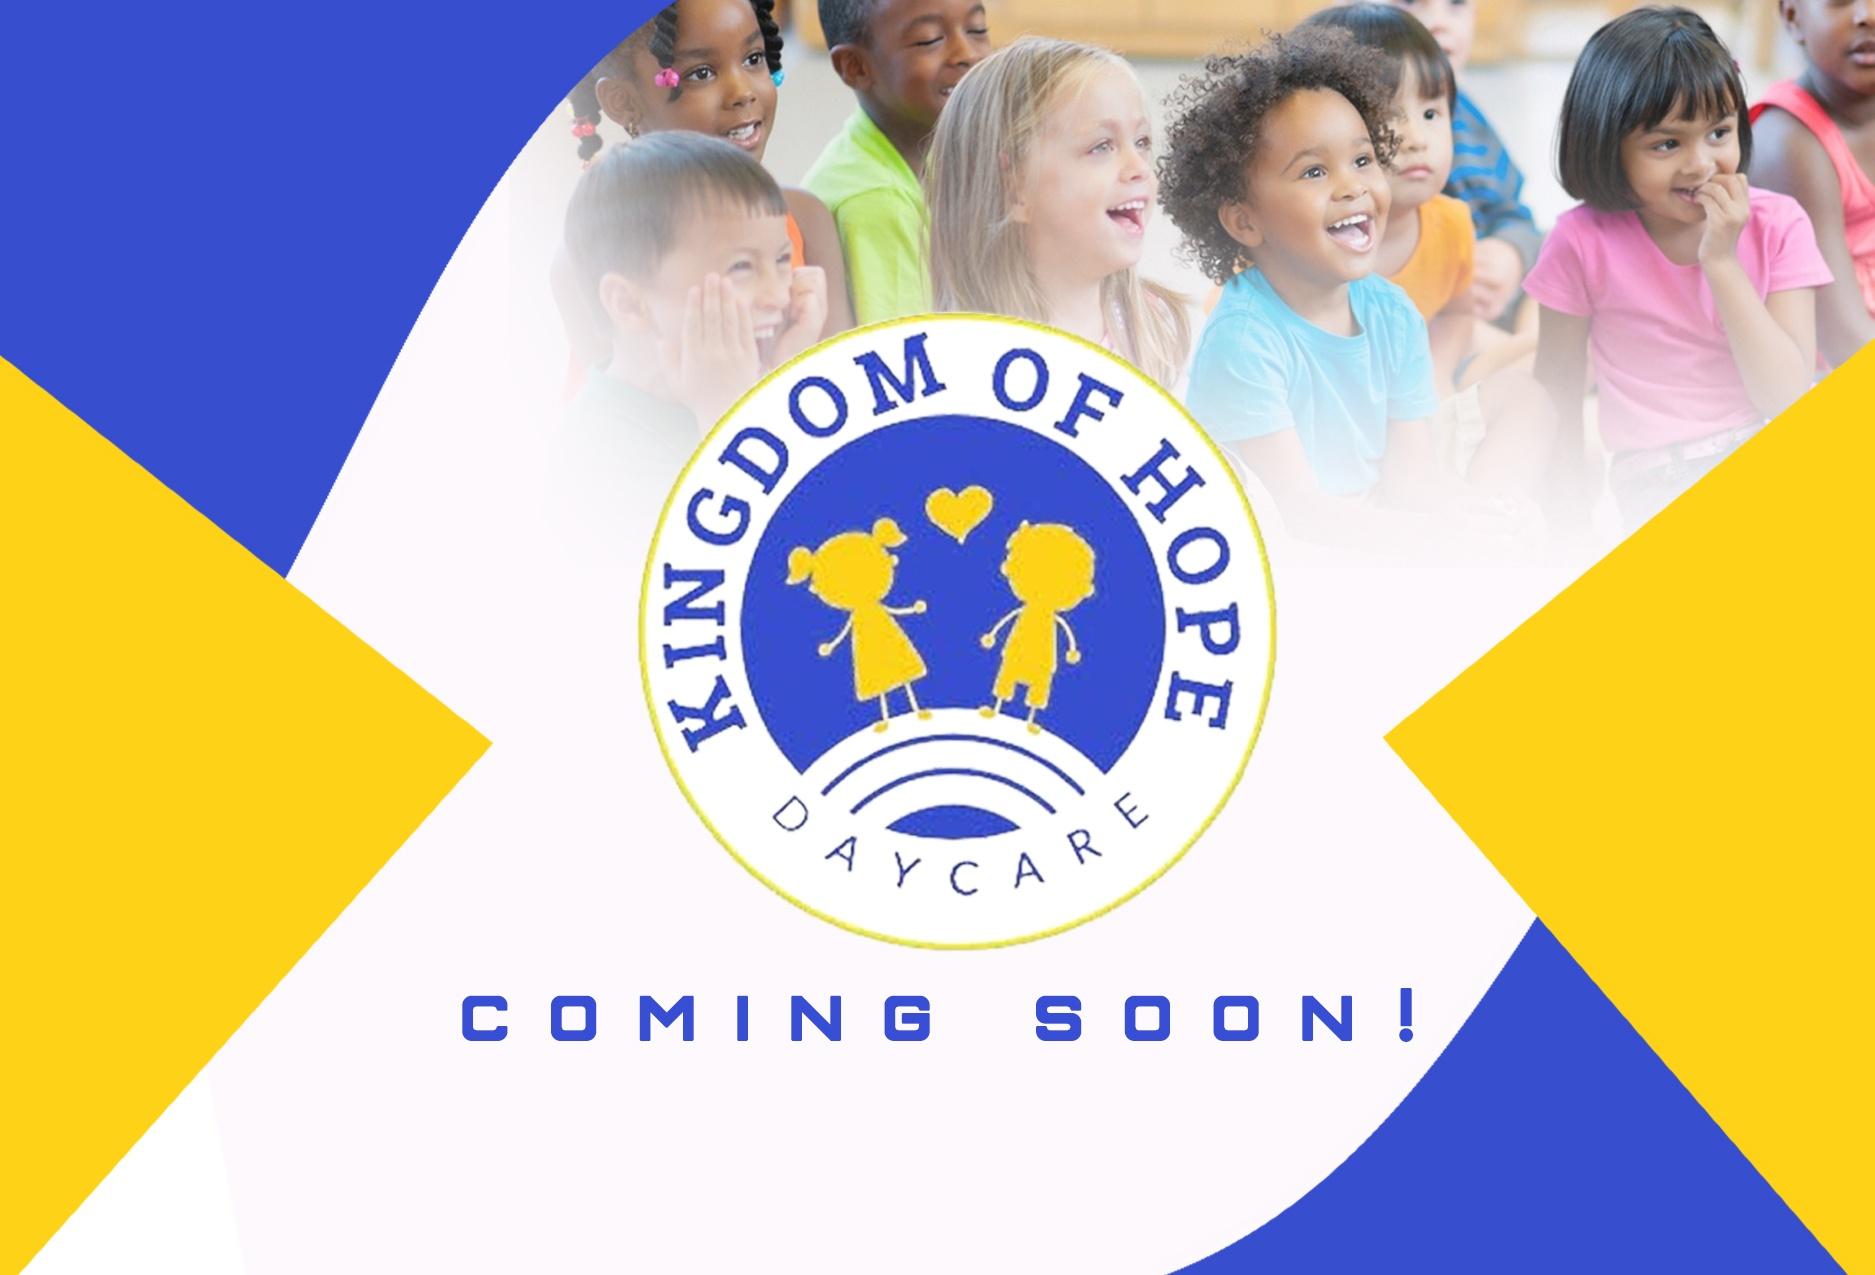 Kingdom of Hope Daycare Flyer 1